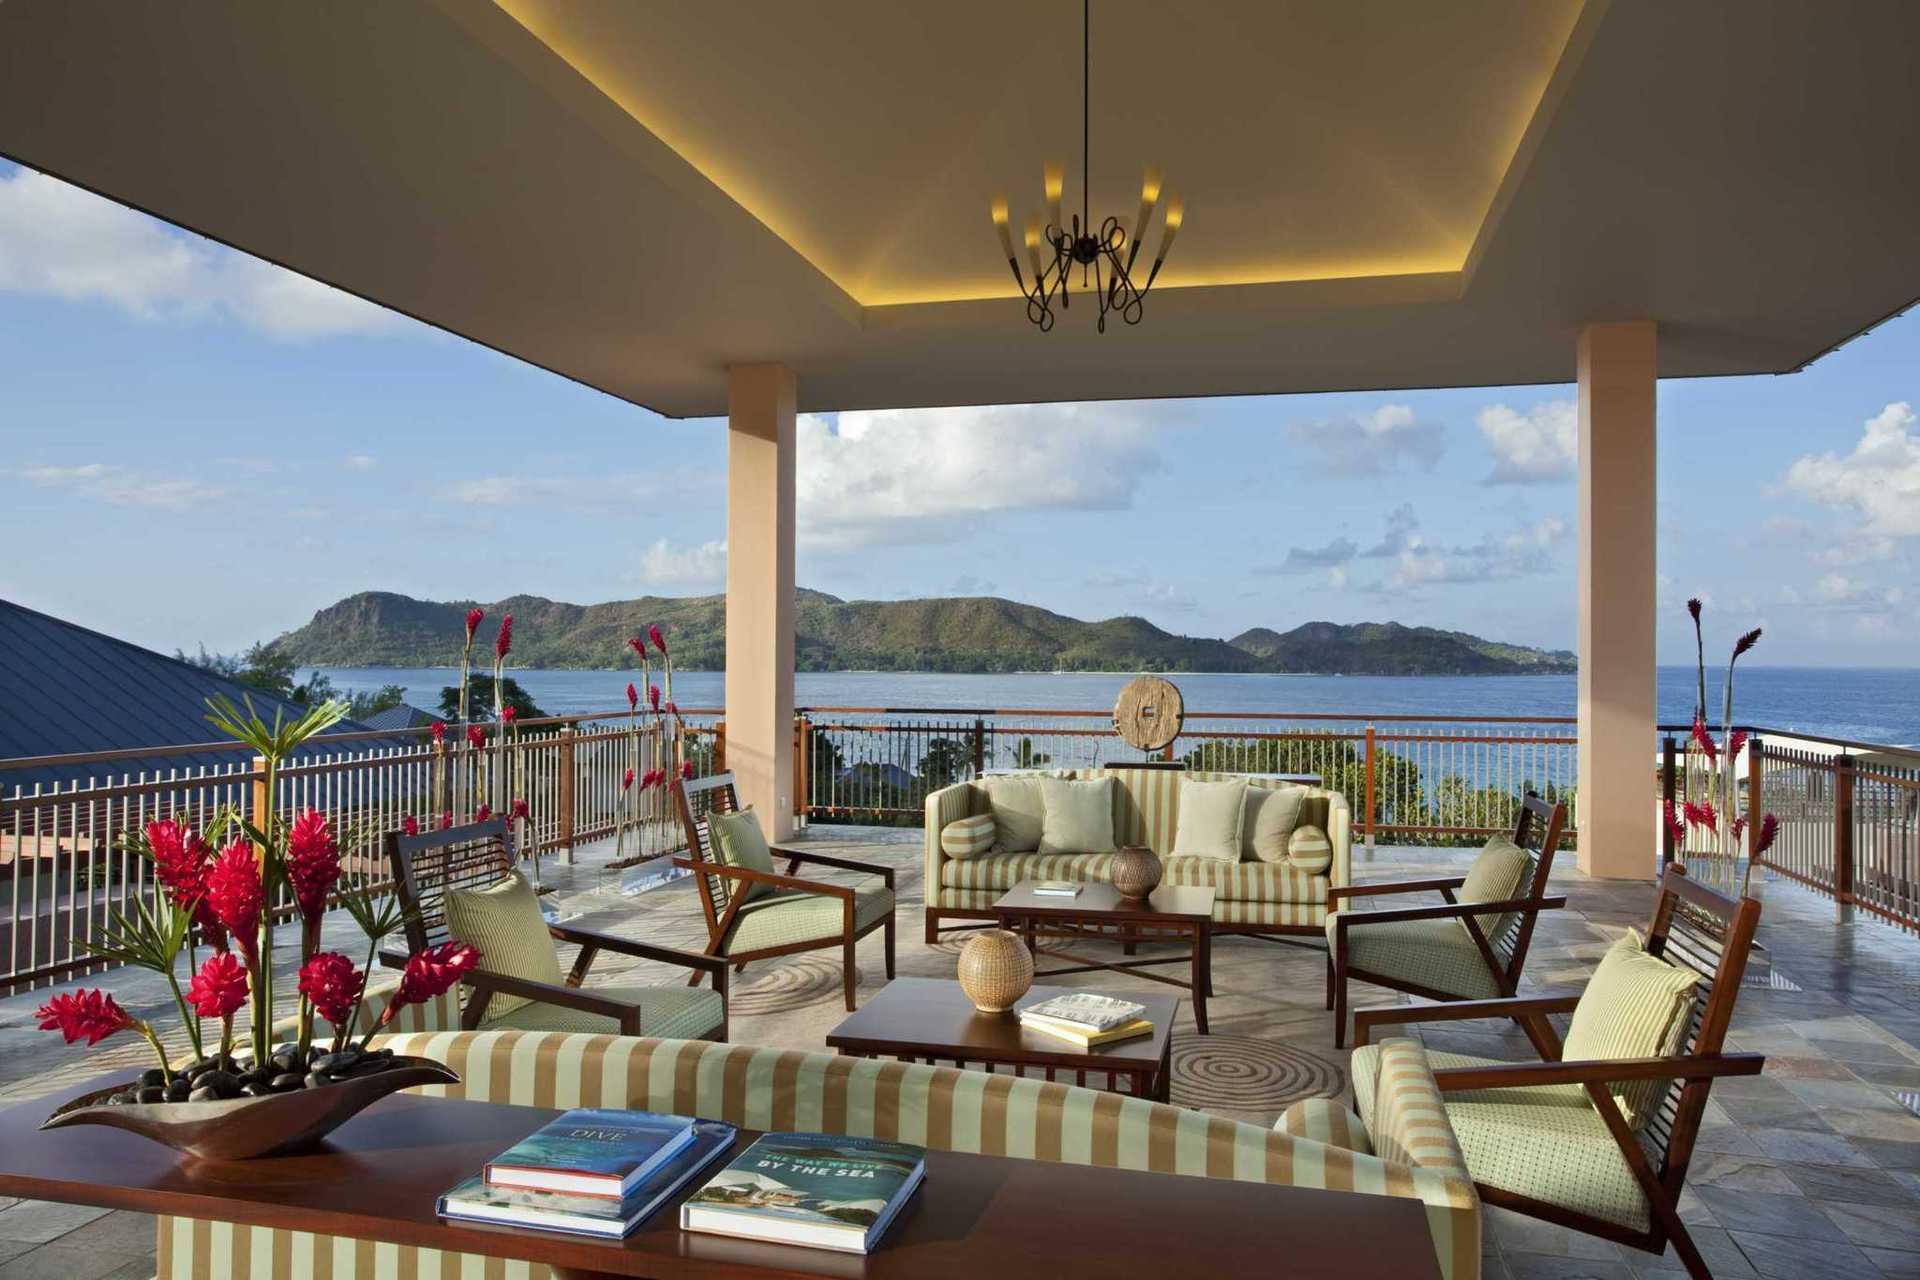 Стильный интерьер, частный бассейн, услуги дворецкого, несравненный пляж - пребывание в Raffles Seychelles оставит удовлетворенными даже прихотливых путешественников